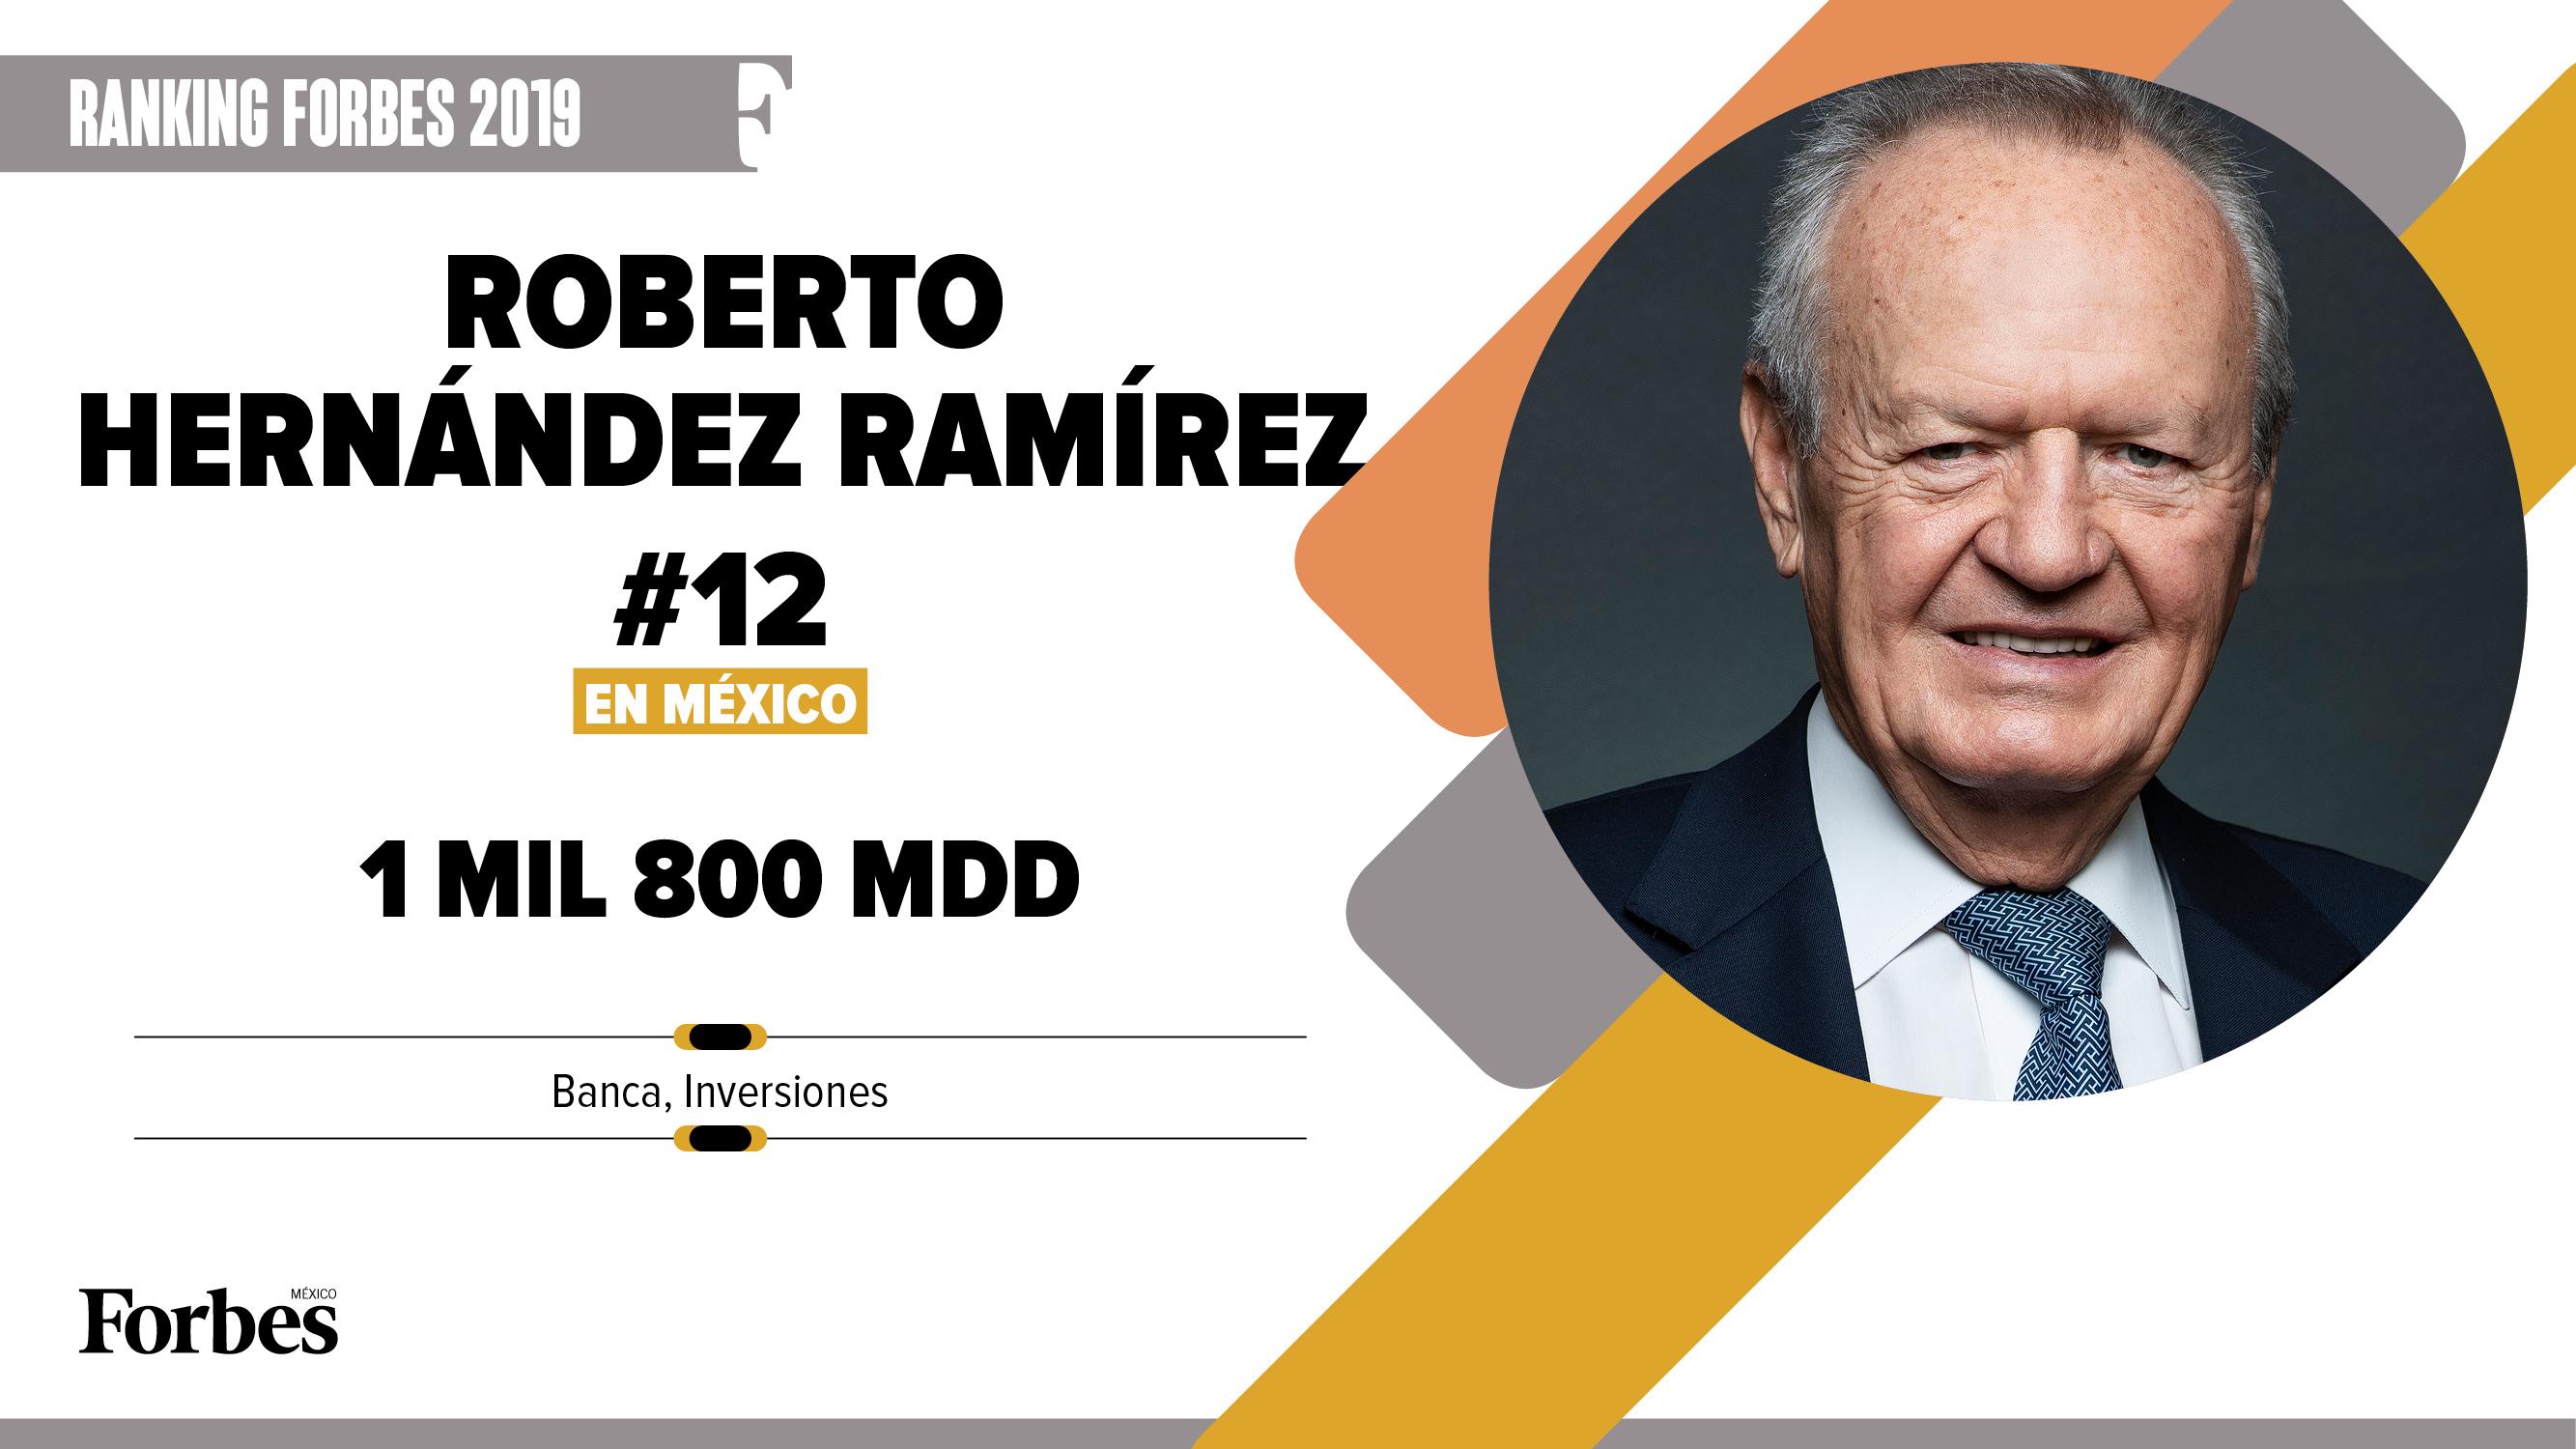 Billionaires 2019 | Roberto Hernández Ramírez, al bat